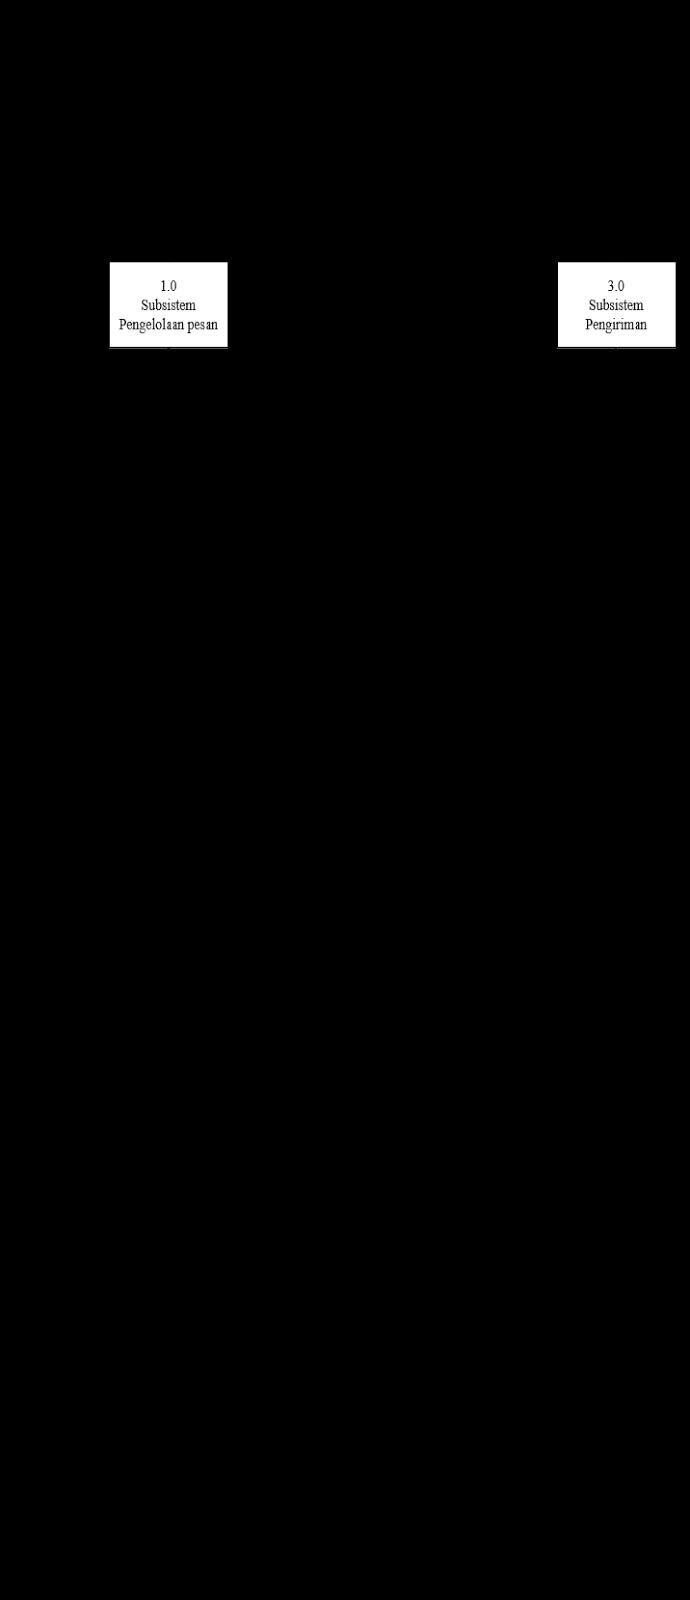 Tugas sim 2015 diagram arus data fisik digunakan untuk menggambarkan sistem yang ada sistem yang lama diagram arus data fisik merupakan proses proses dari sistem yang ccuart Images